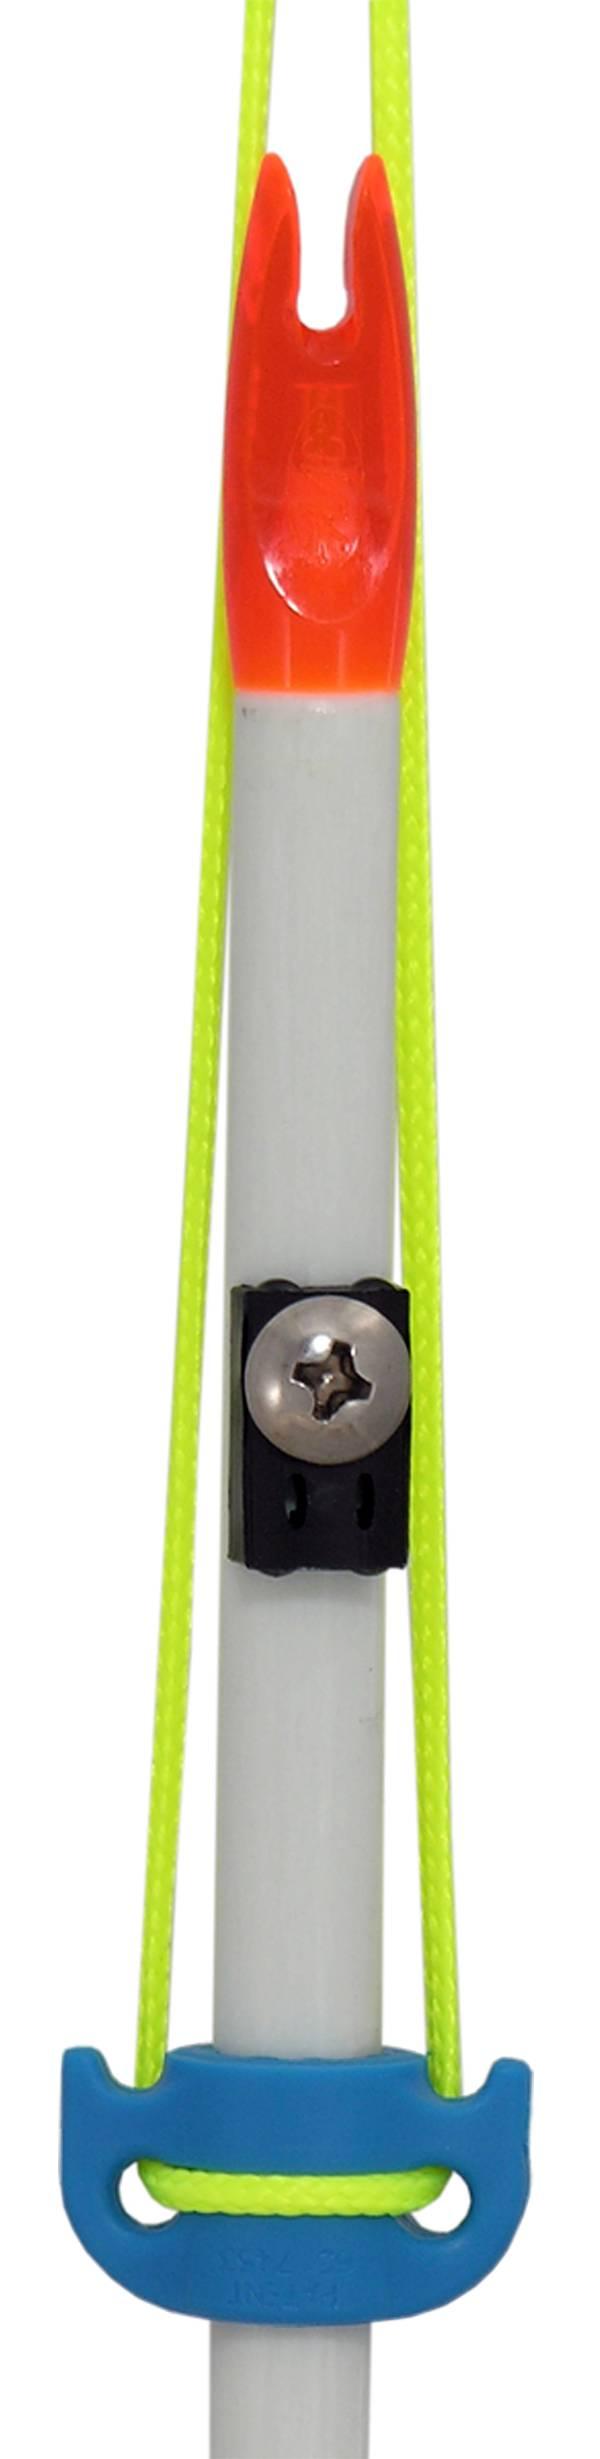 AMS Safety Slide Bowfishing Kit product image